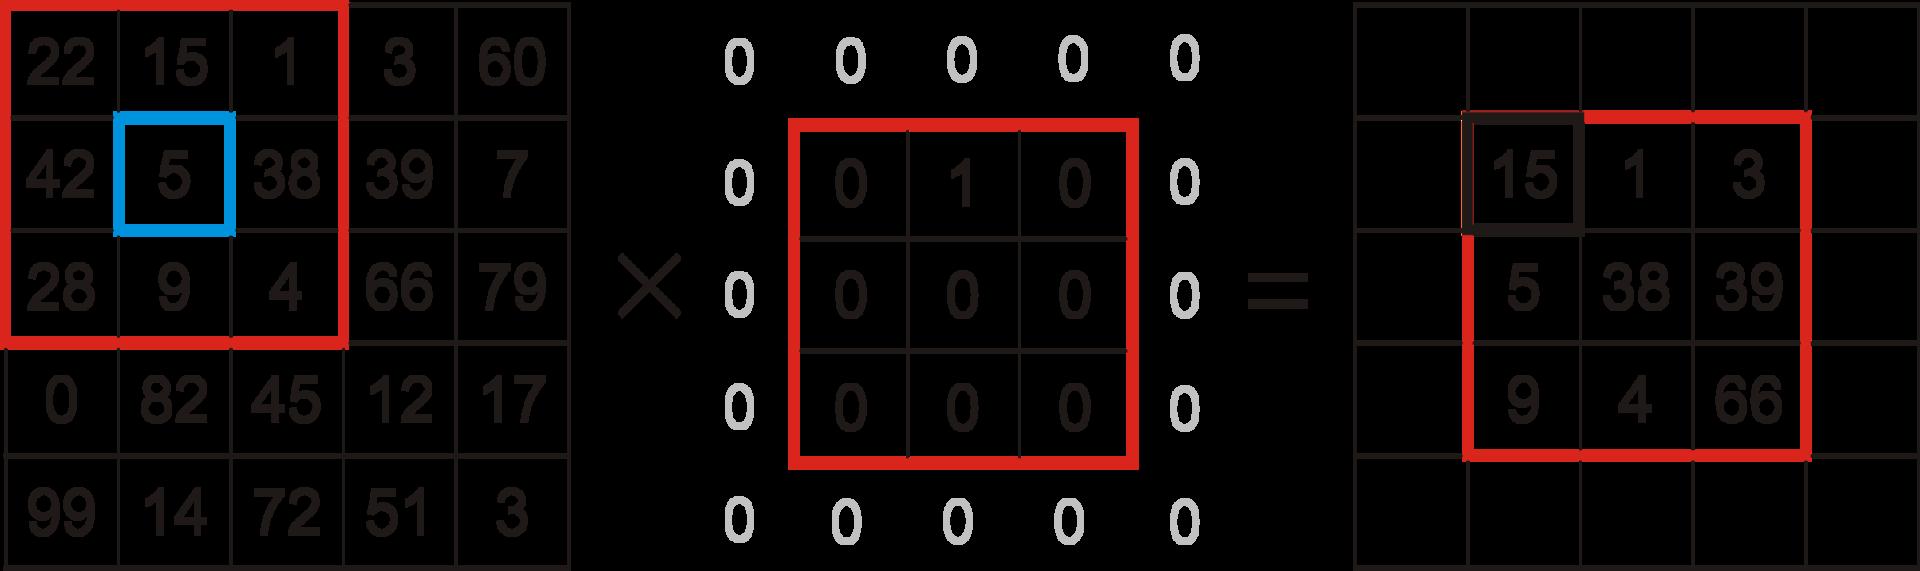 Параллельное программирование с CUDA. Часть 2: Аппаратное обеспечение GPU и шаблоны параллельной коммуникации - 9